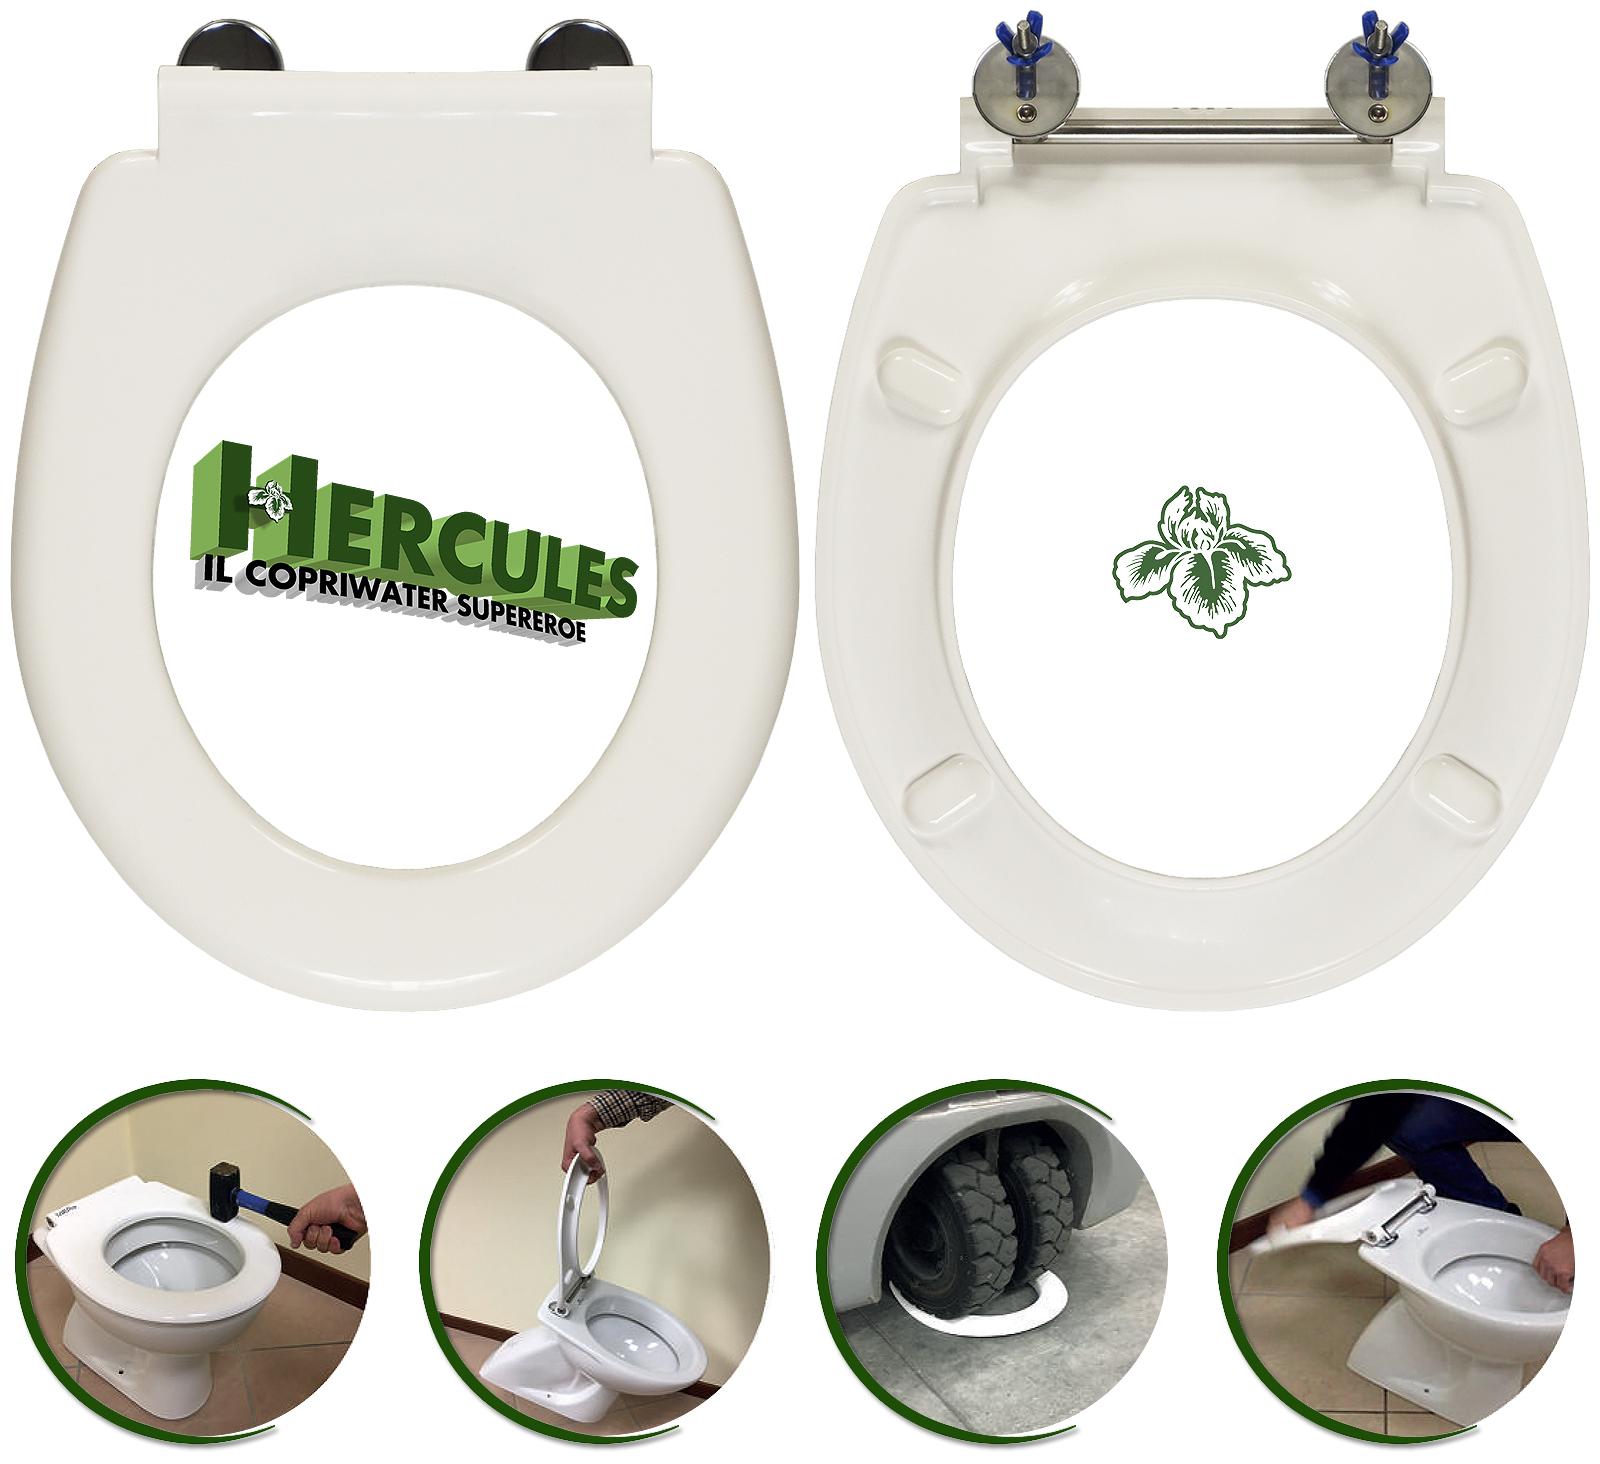 HERCULES è il copriwater universale ideato e progettato per i servizi igienici dei LUOGHI APERTI AL PUBBLICO.